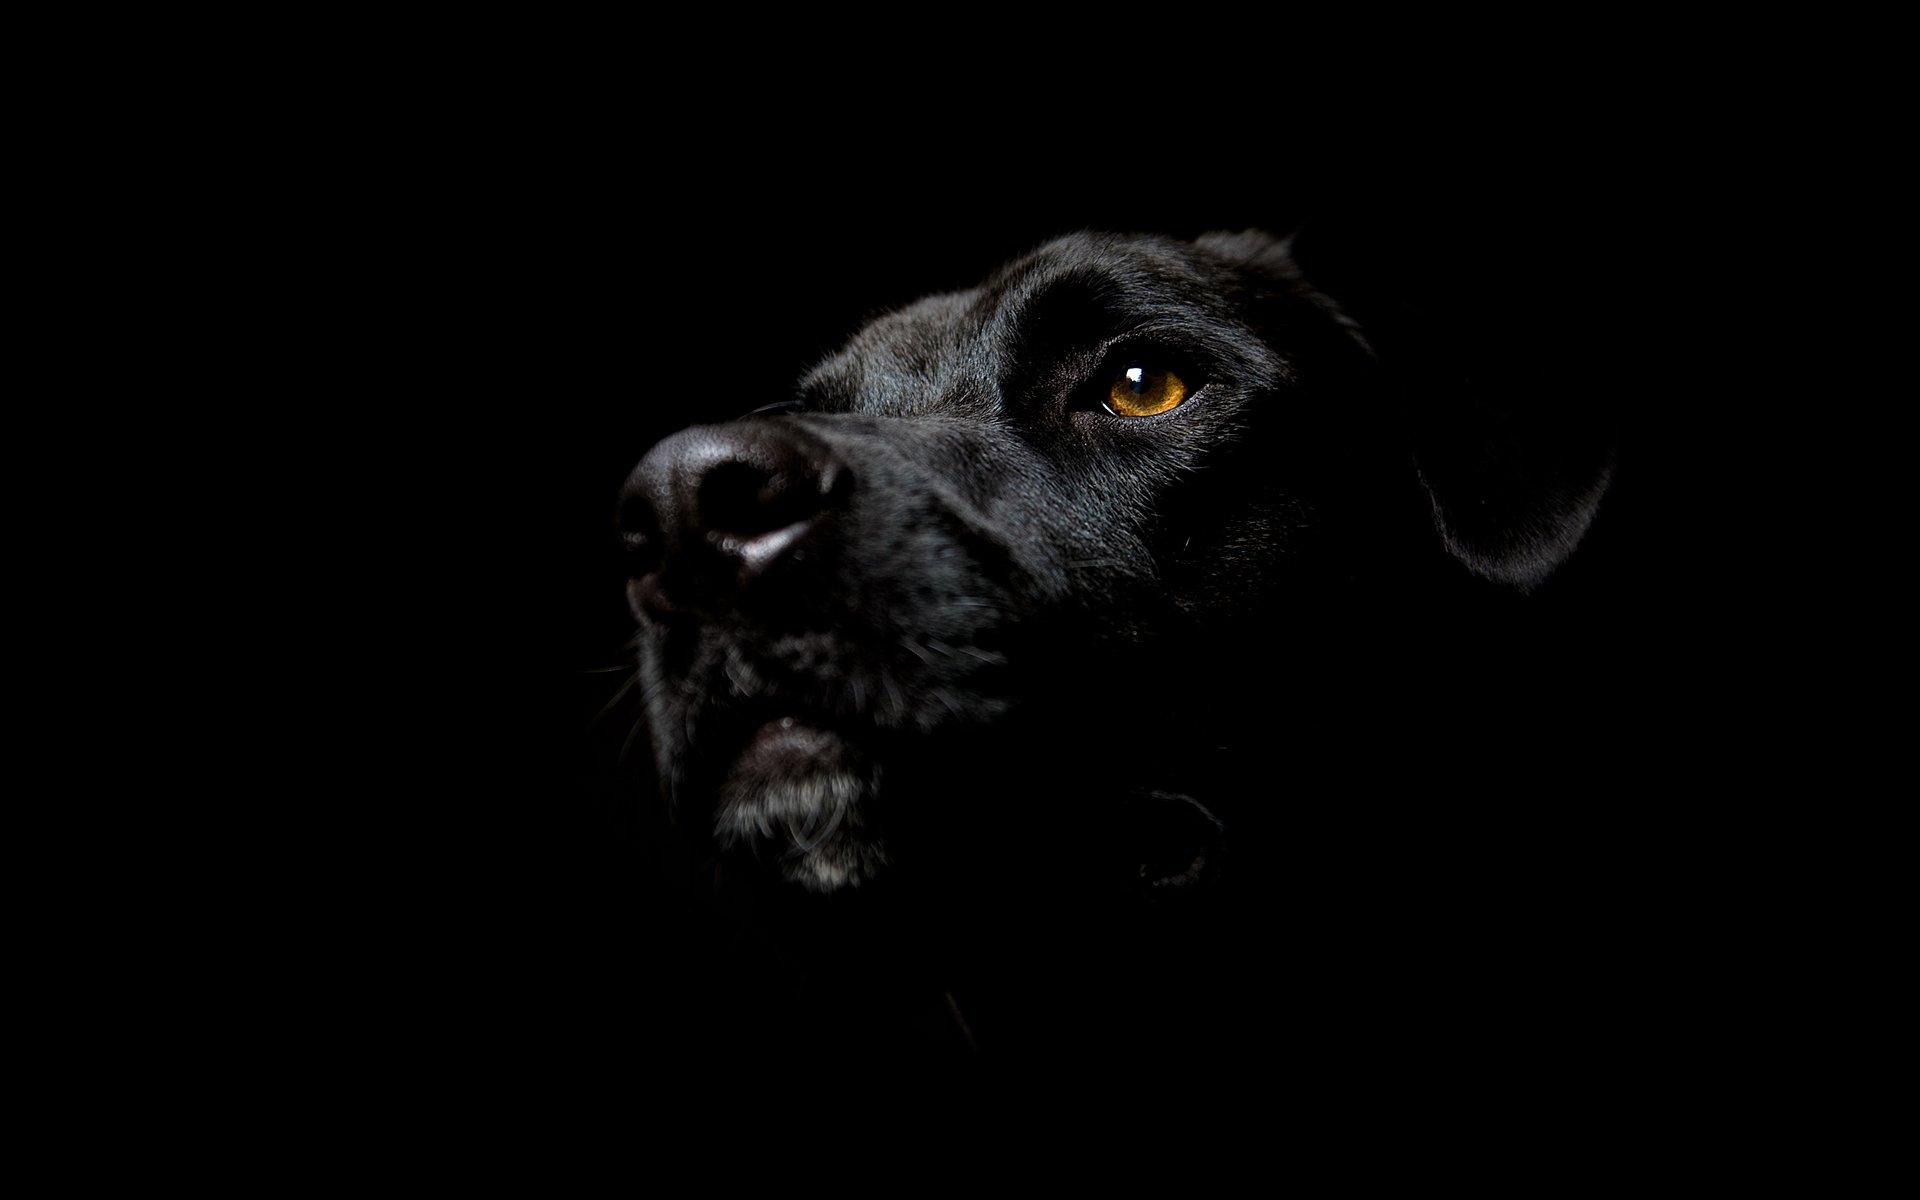 Ảnh nền chú chó đen đẹp